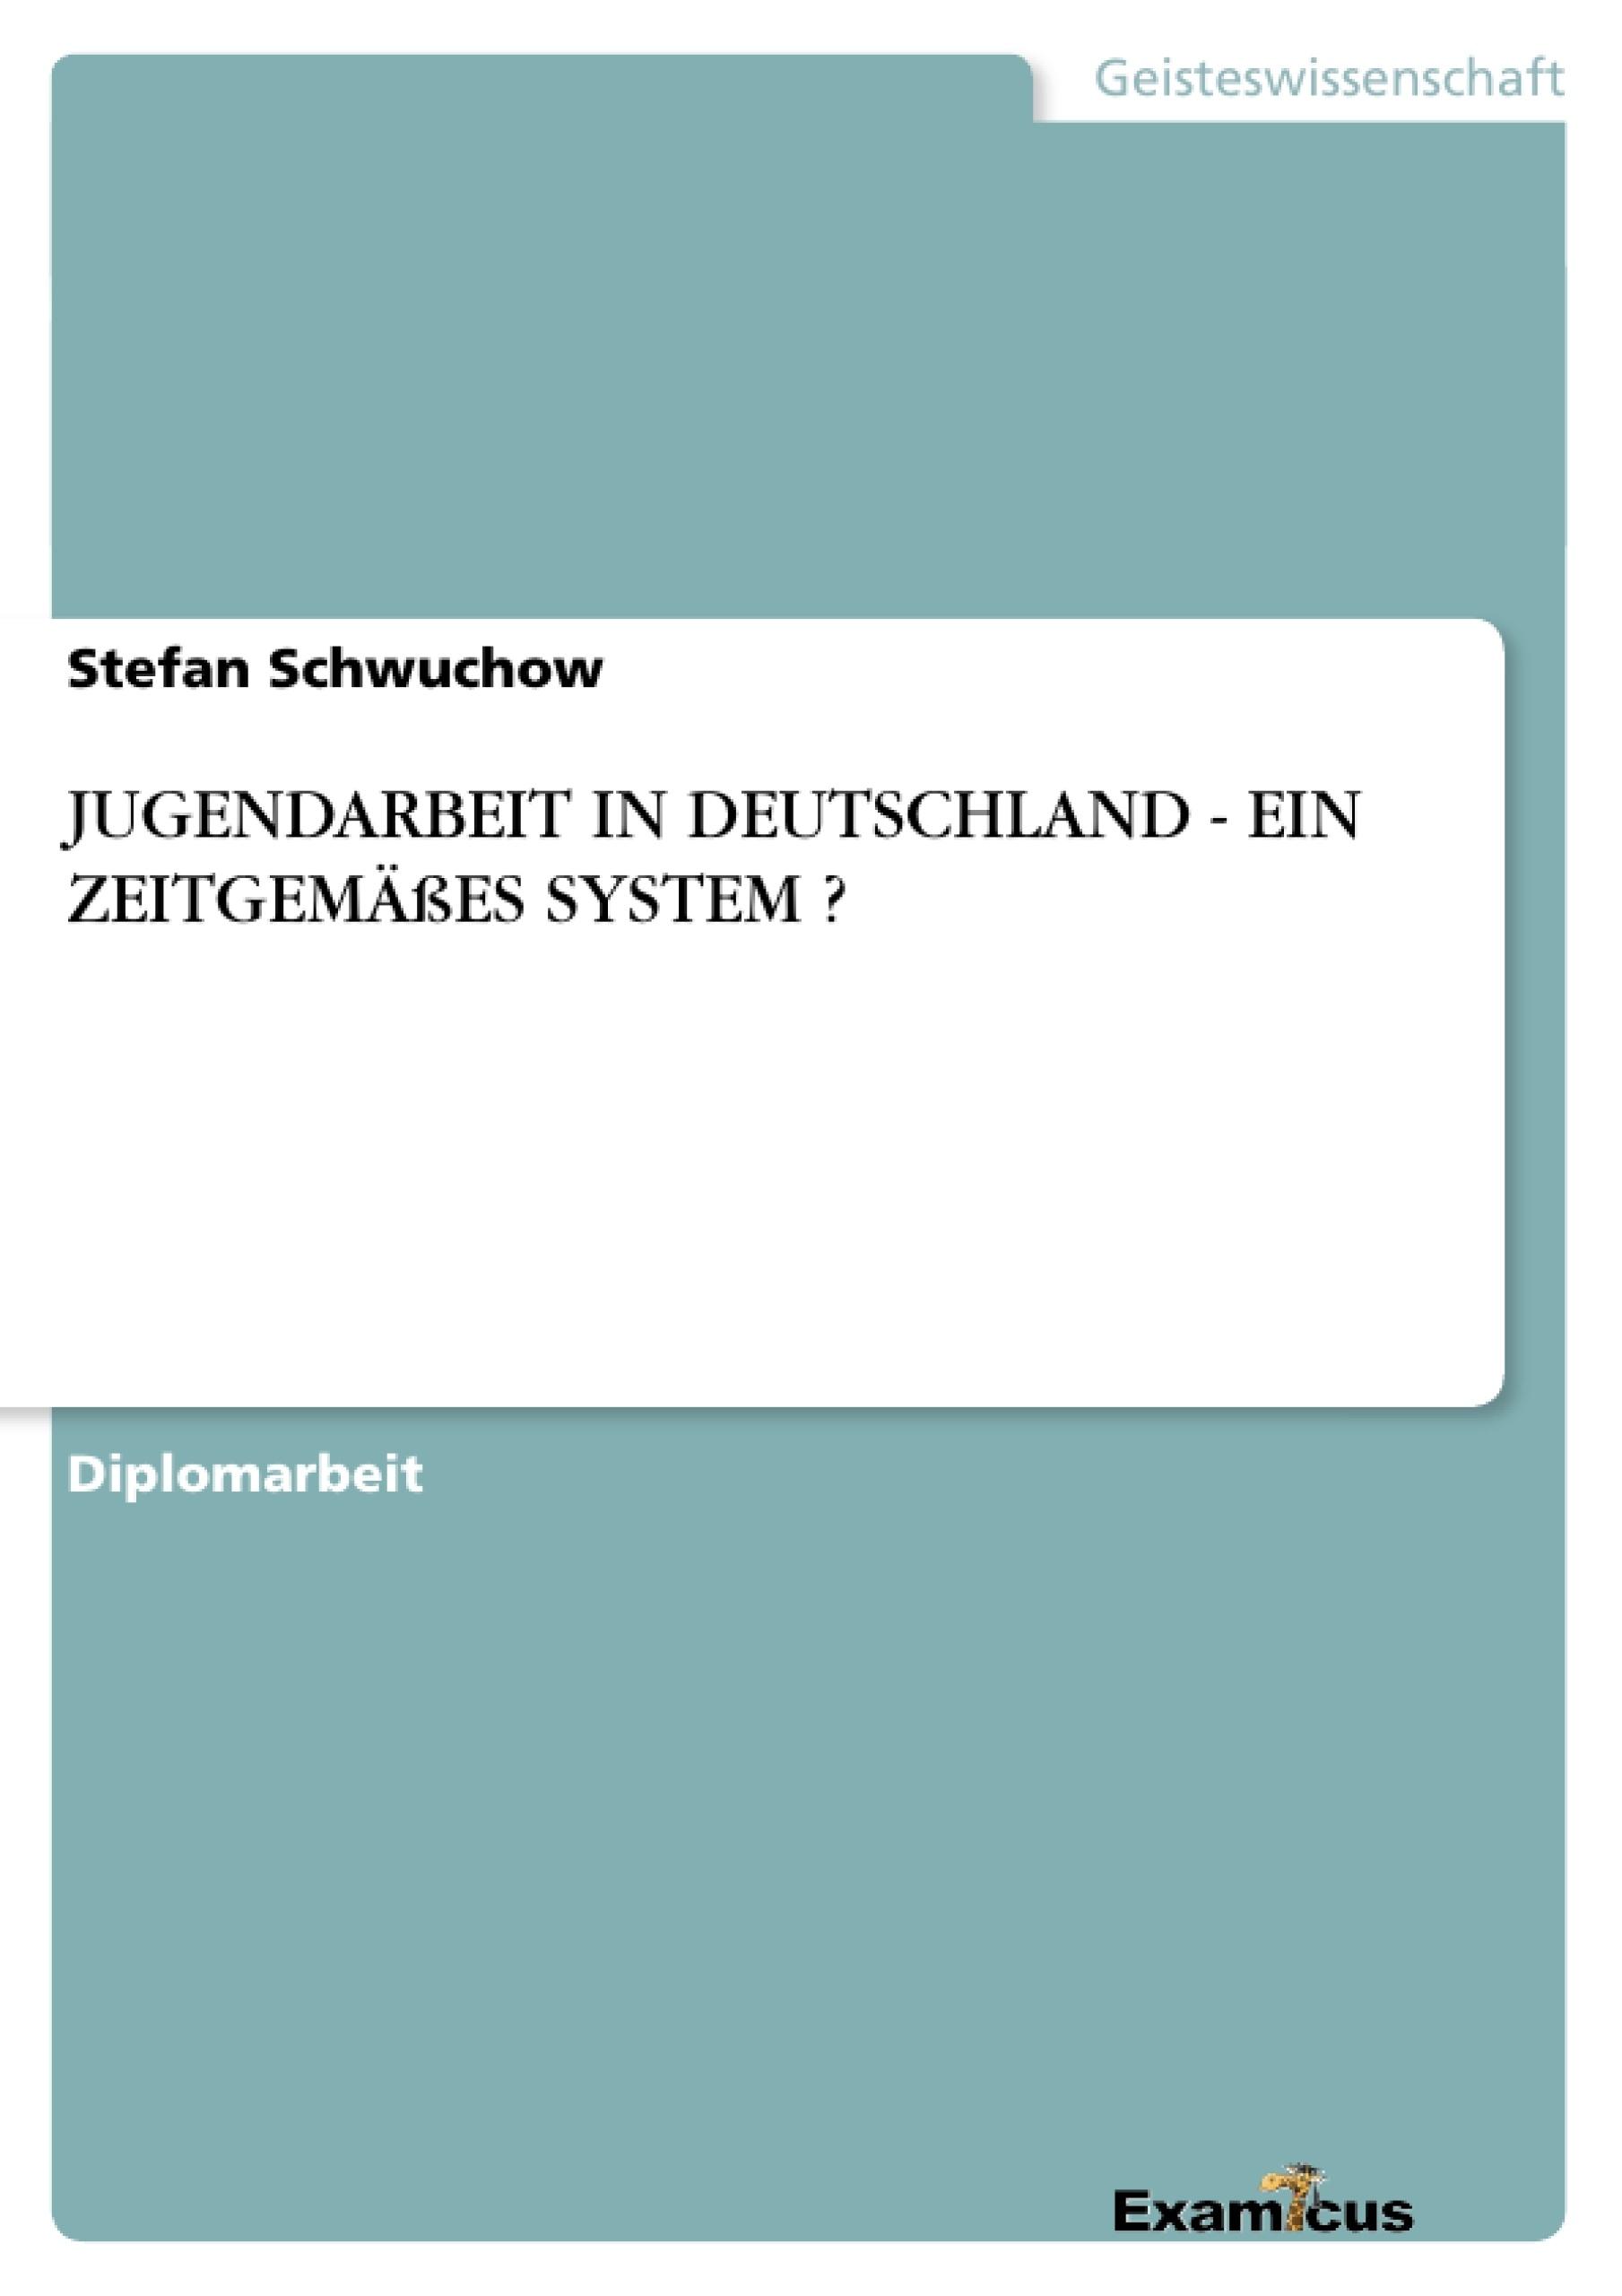 Titel: JUGENDARBEIT IN DEUTSCHLAND - EIN ZEITGEMÄßES SYSTEM ?